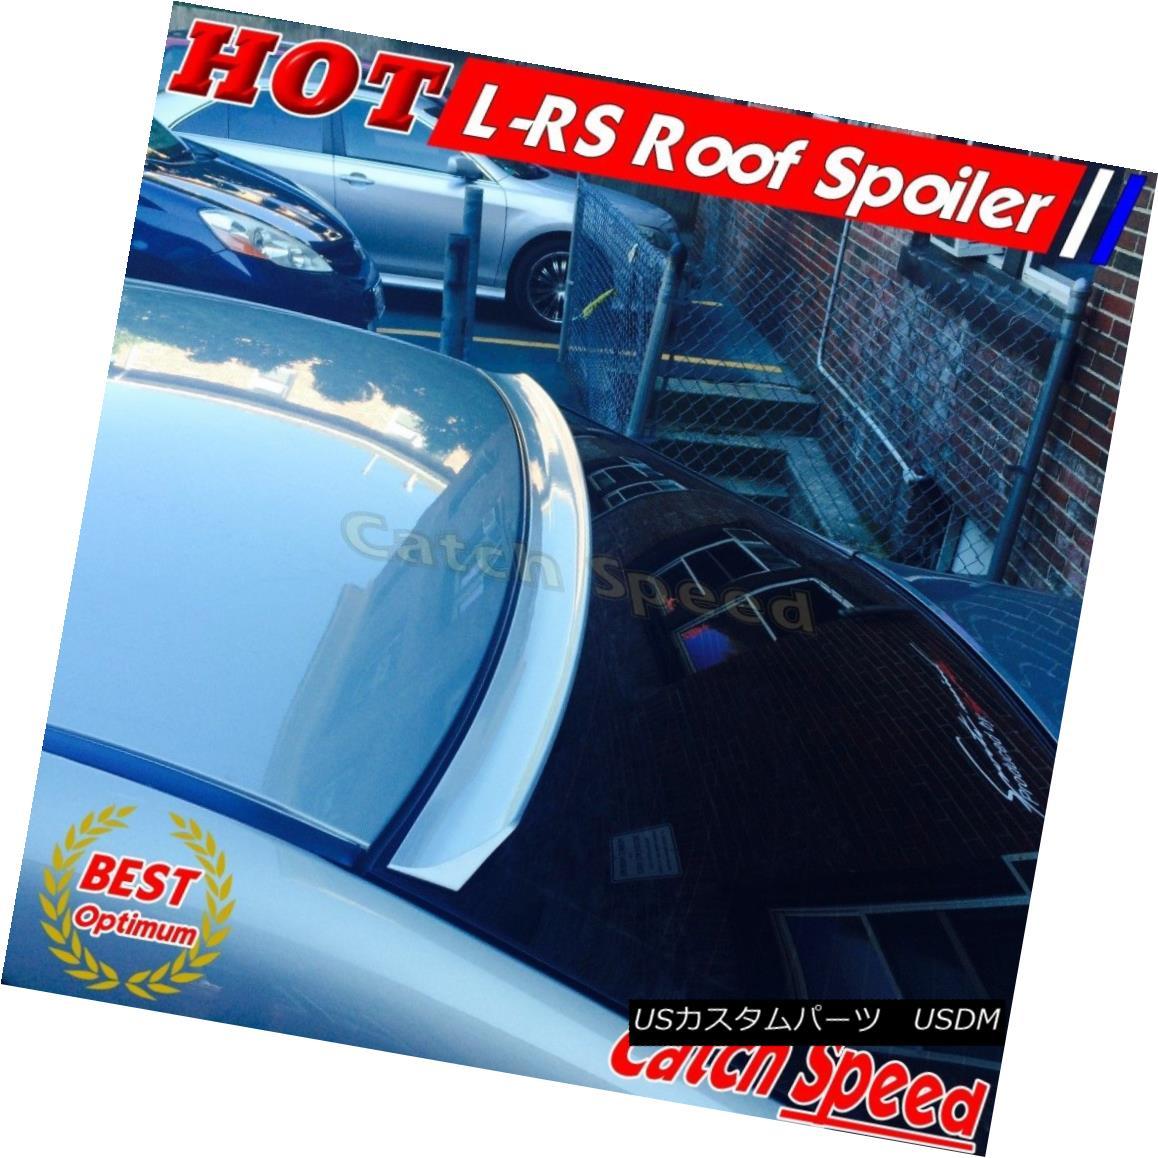 エアロパーツ Painted LRS Type Rear Roof Spoiler Wing For Infiniti Fuga 350GT Sedan 2004-2009? インフィニティフーガ350GTセダン2004-2009用の塗装LRSタイプリアルーフスポイラーウィング?